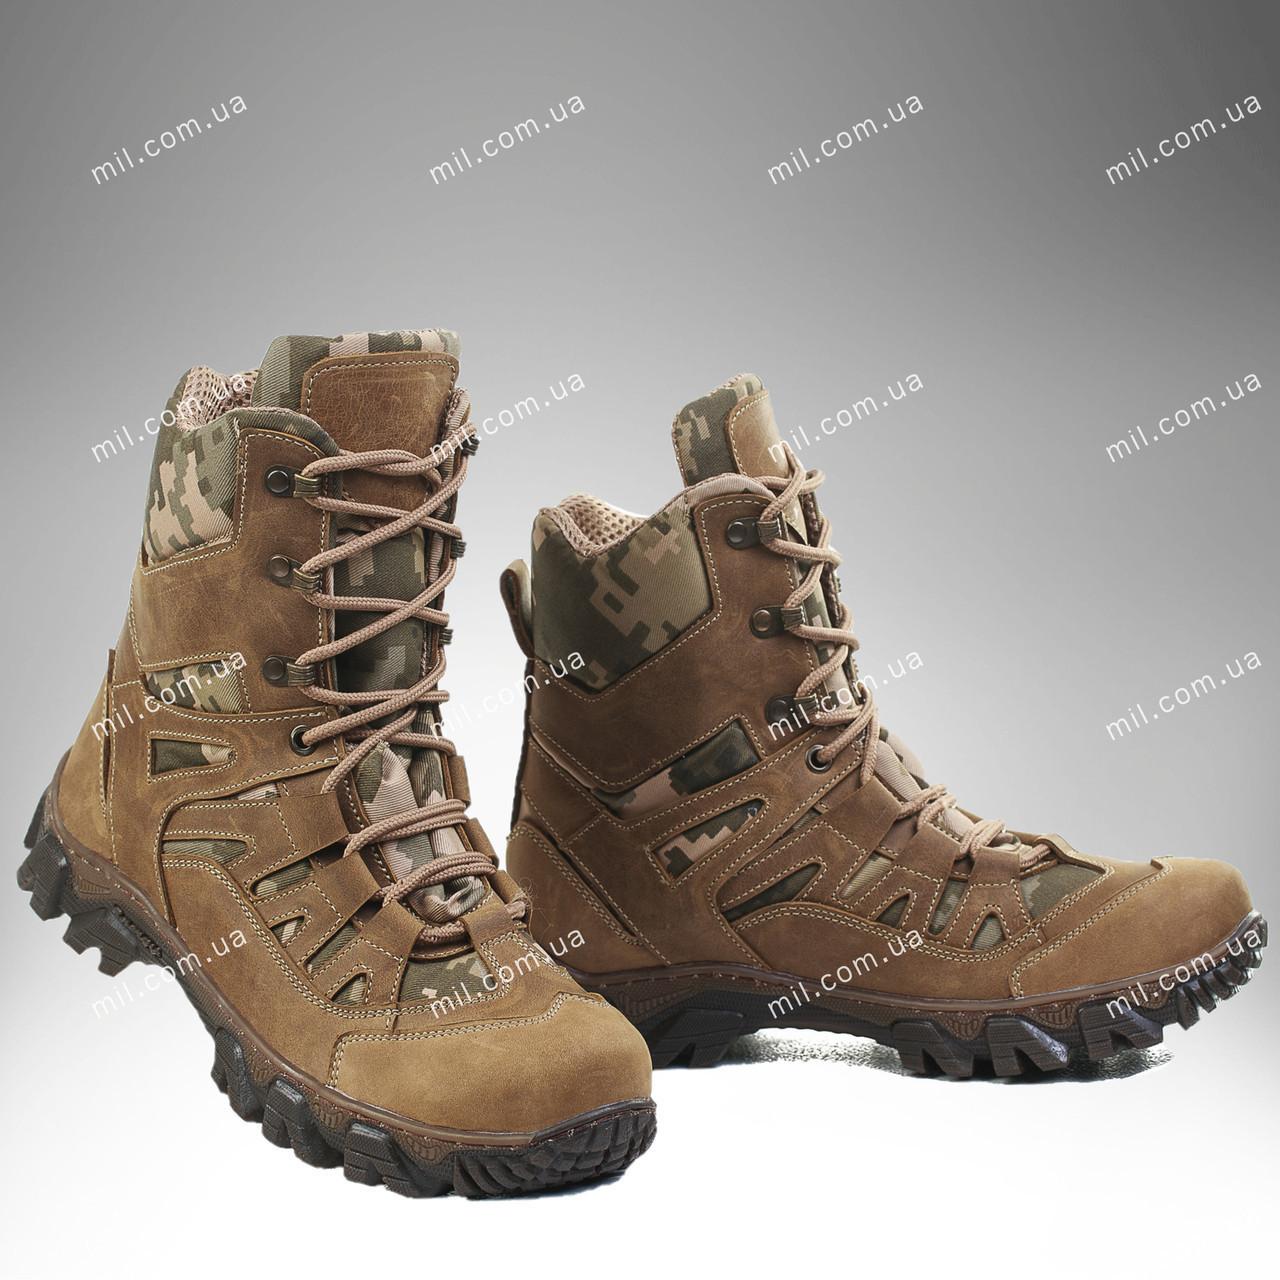 ⭐⭐Берцы демисезонные / армейская, военная, тактическая обувь ЦЕНТУРИОН ММ14 (пиксель) | берцы, берці, берци,